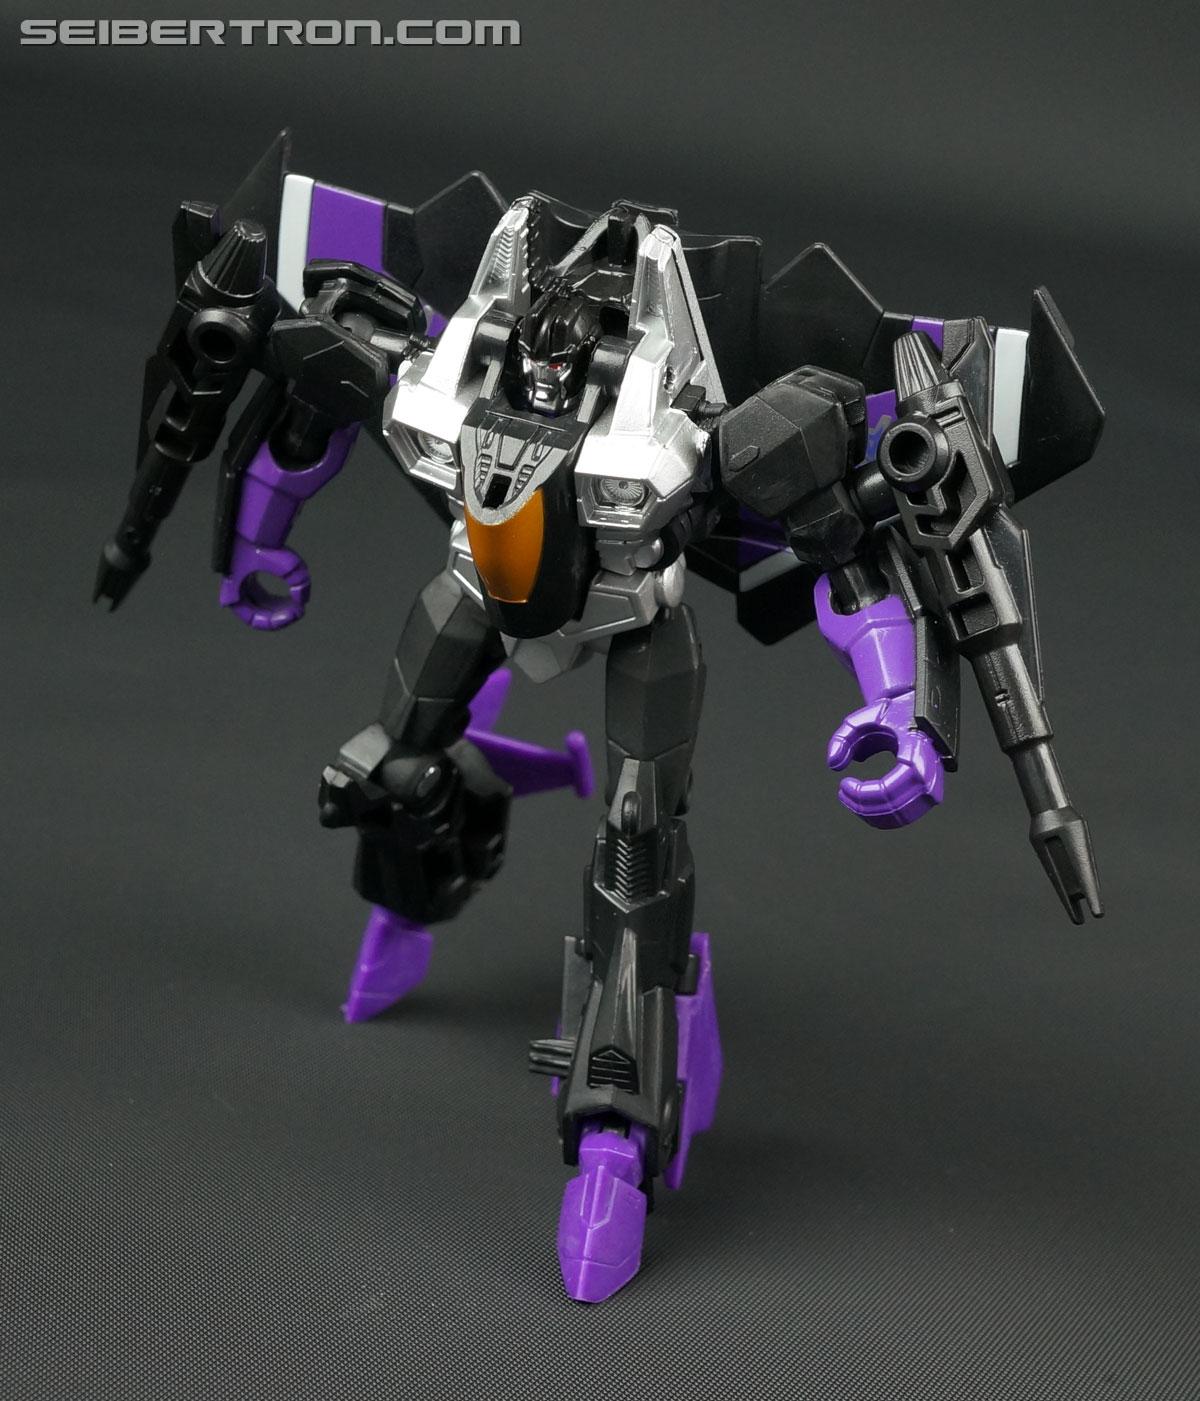 Transformers Generations Combiner Wars Skywarp (Image #80 of 105)